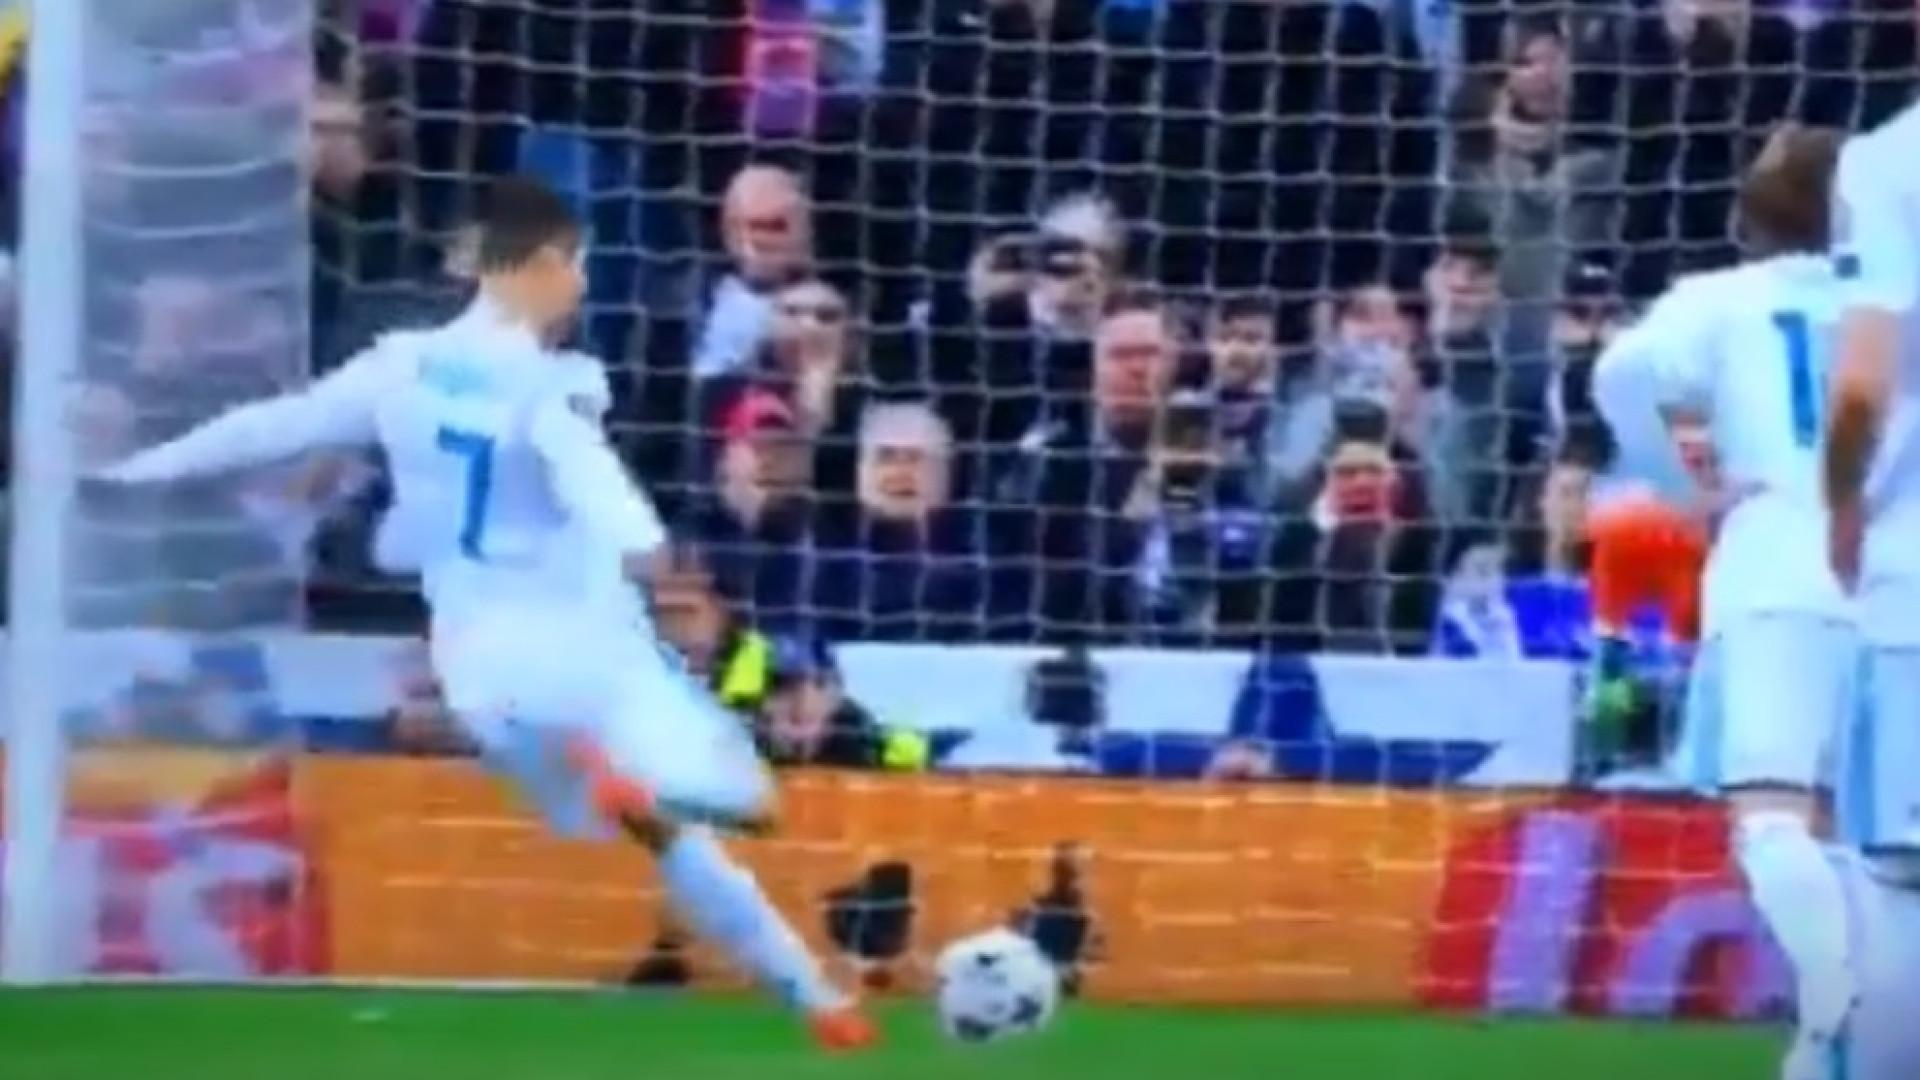 Grande penalidade de Cristiano Ronaldo gerou polémica